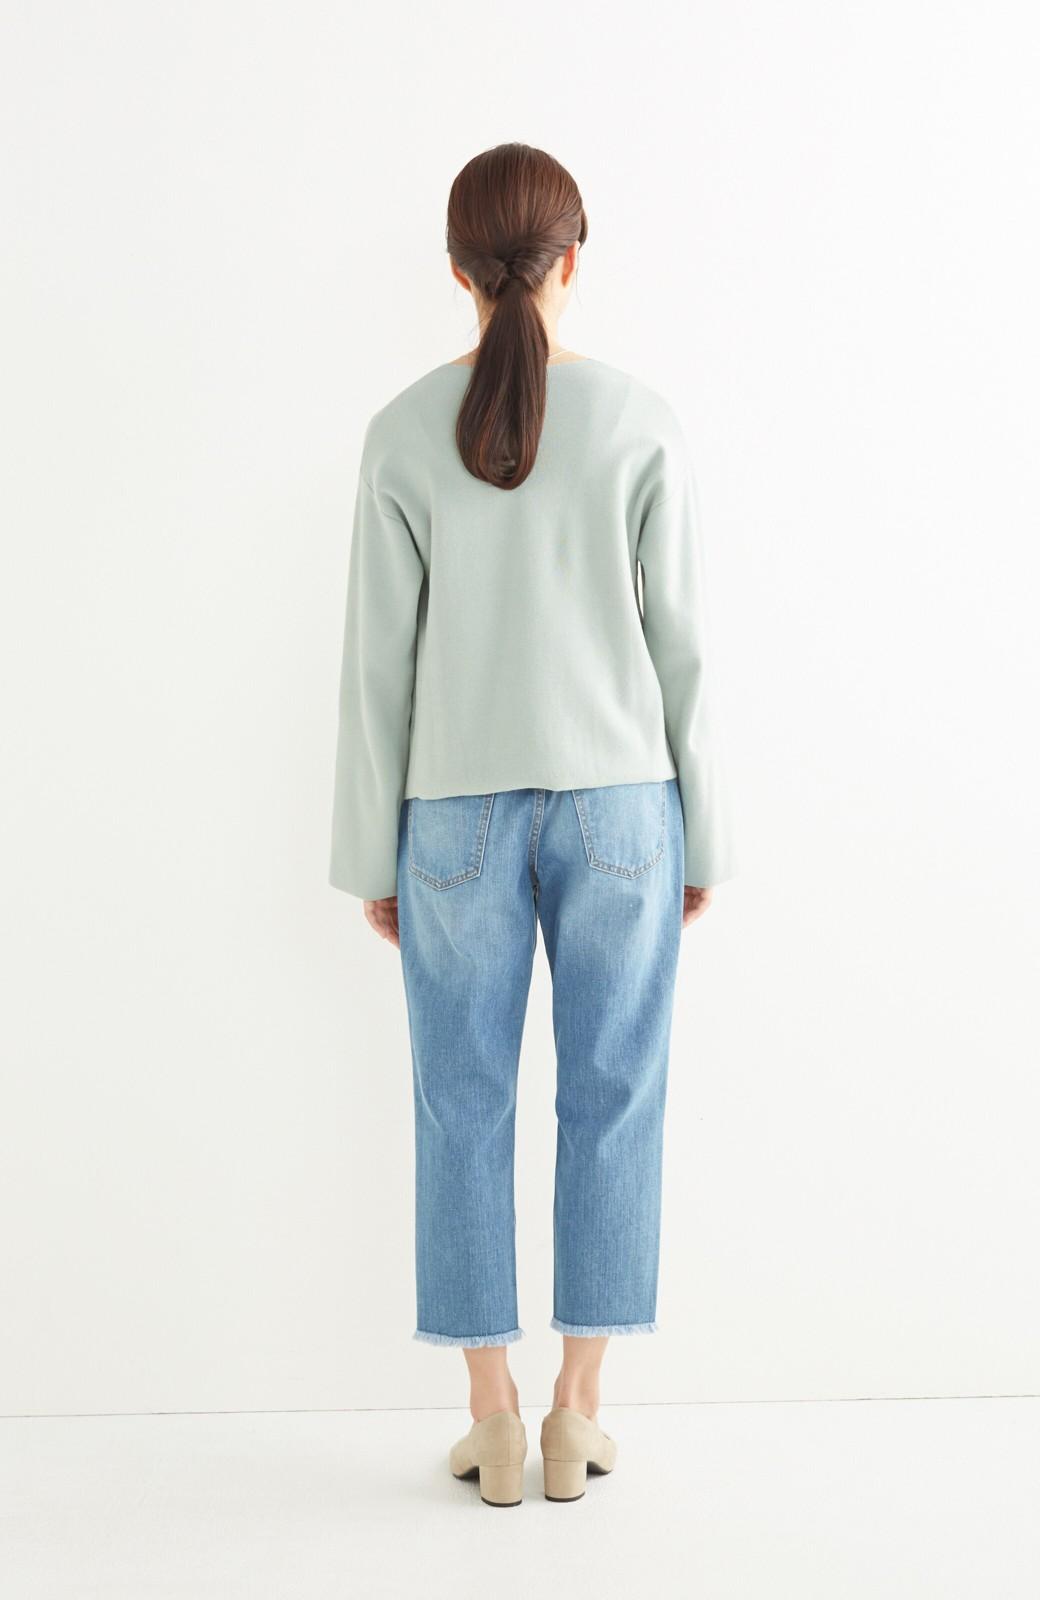 エムトロワ パッと着るだけでいい感じになれる きちんと見えて長い季節使えるミラノリブニット <ミント>の商品写真6